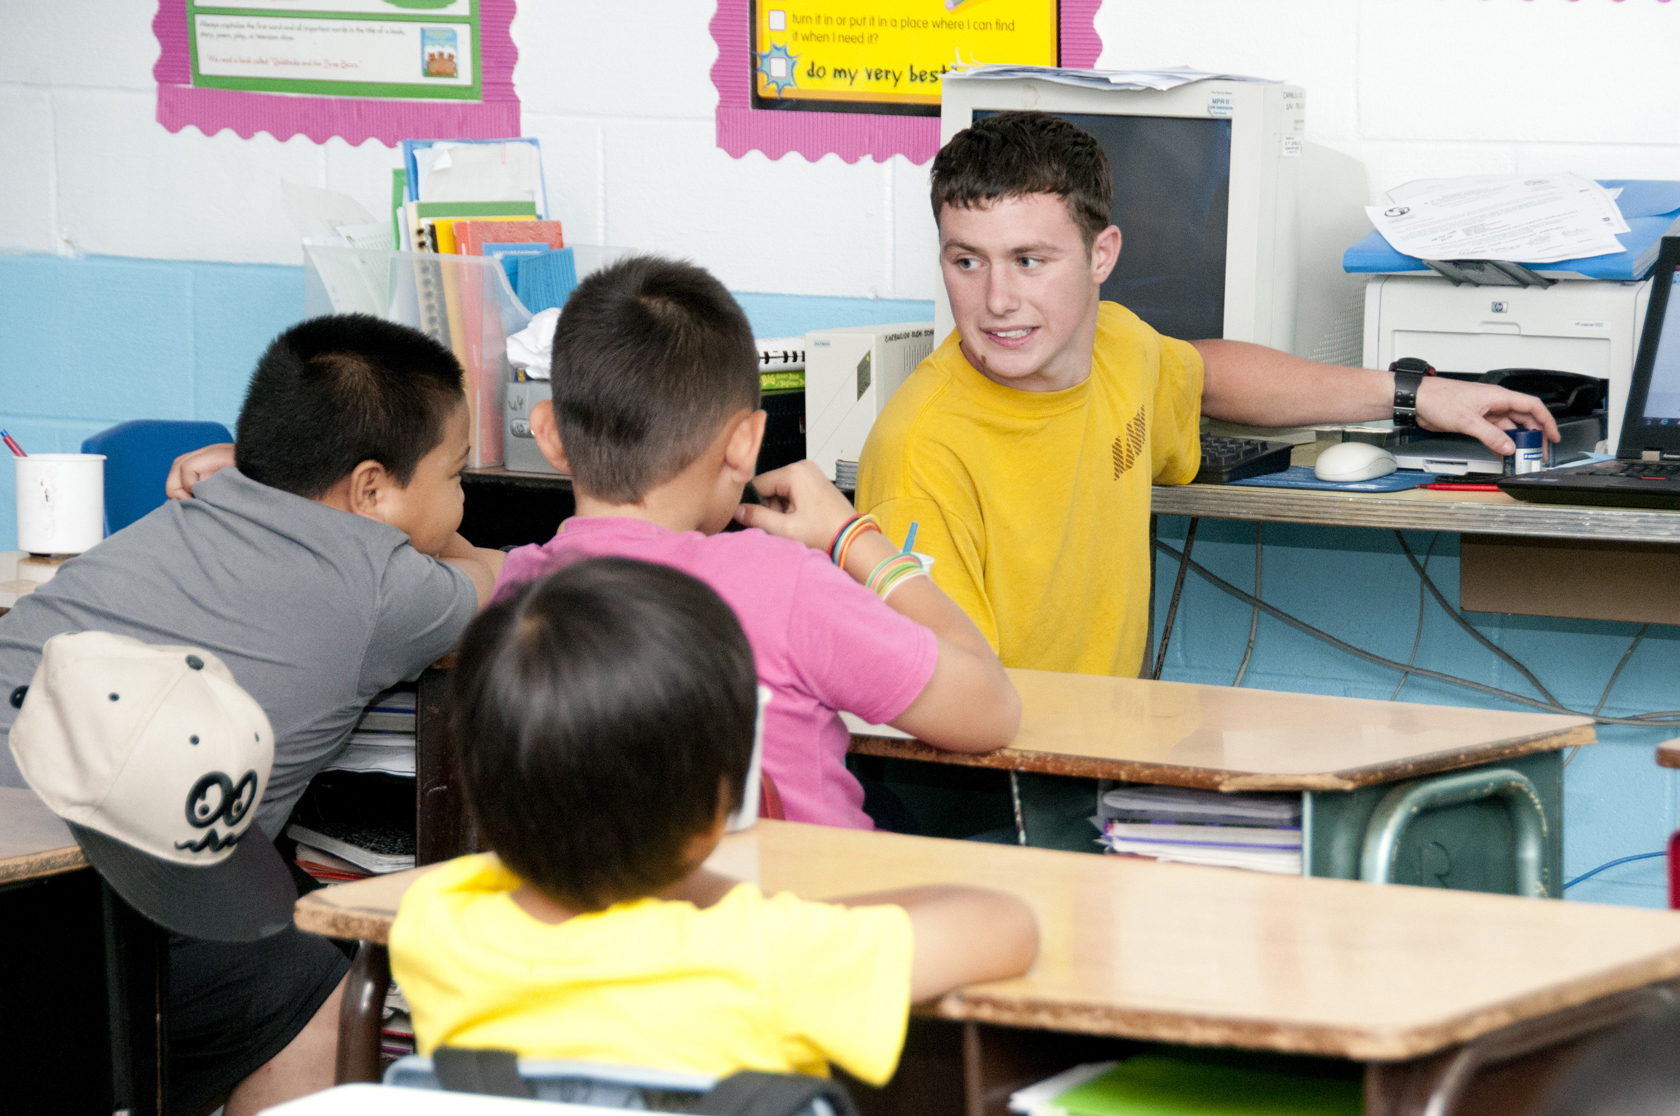 sit_teach